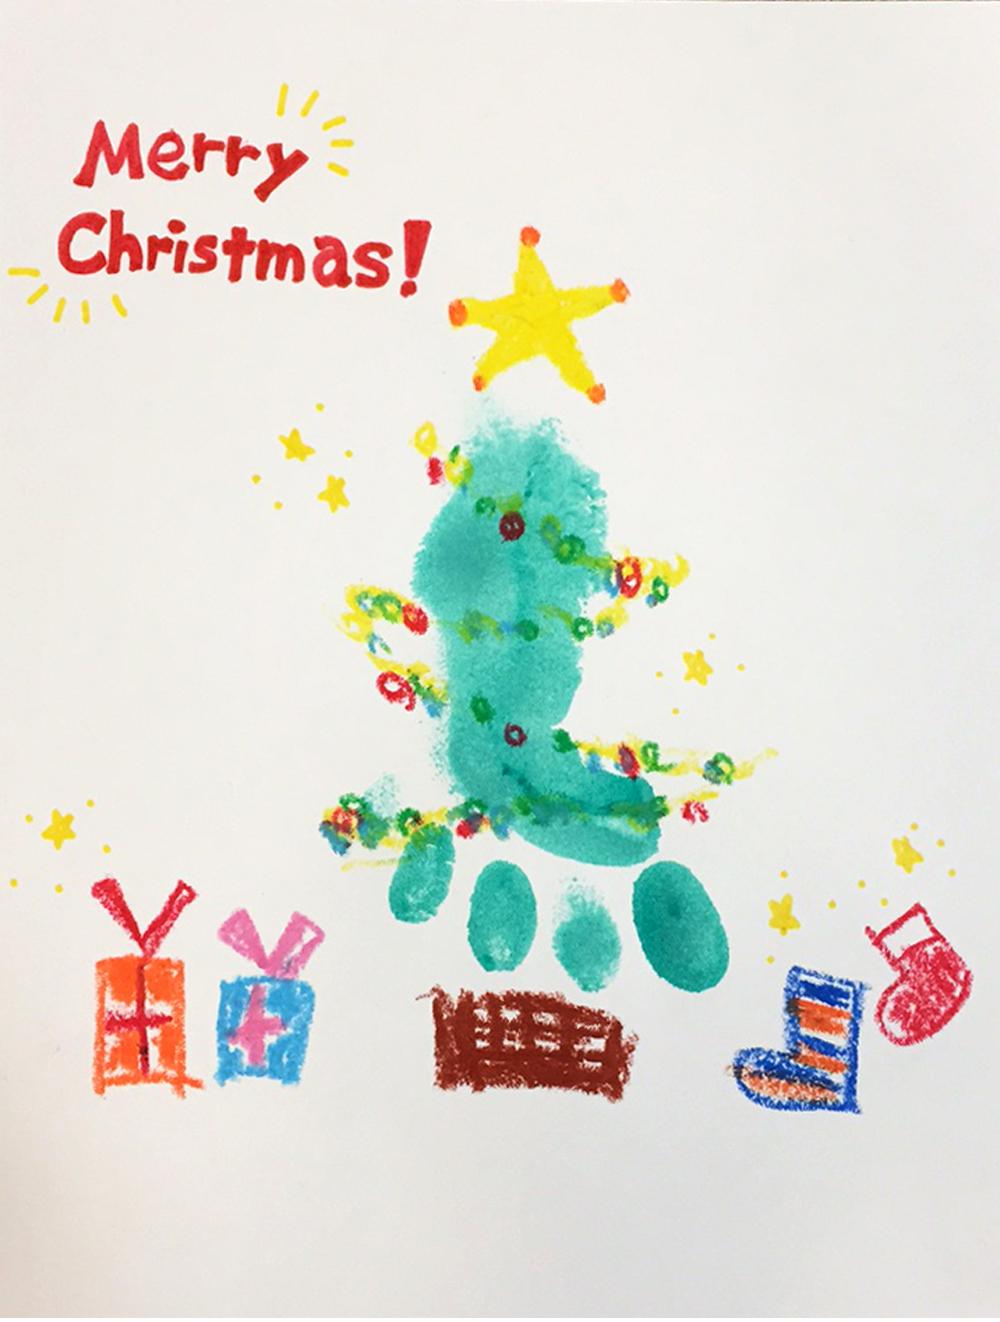 【クリスマス特別イベント】12/25(日)手形あそび